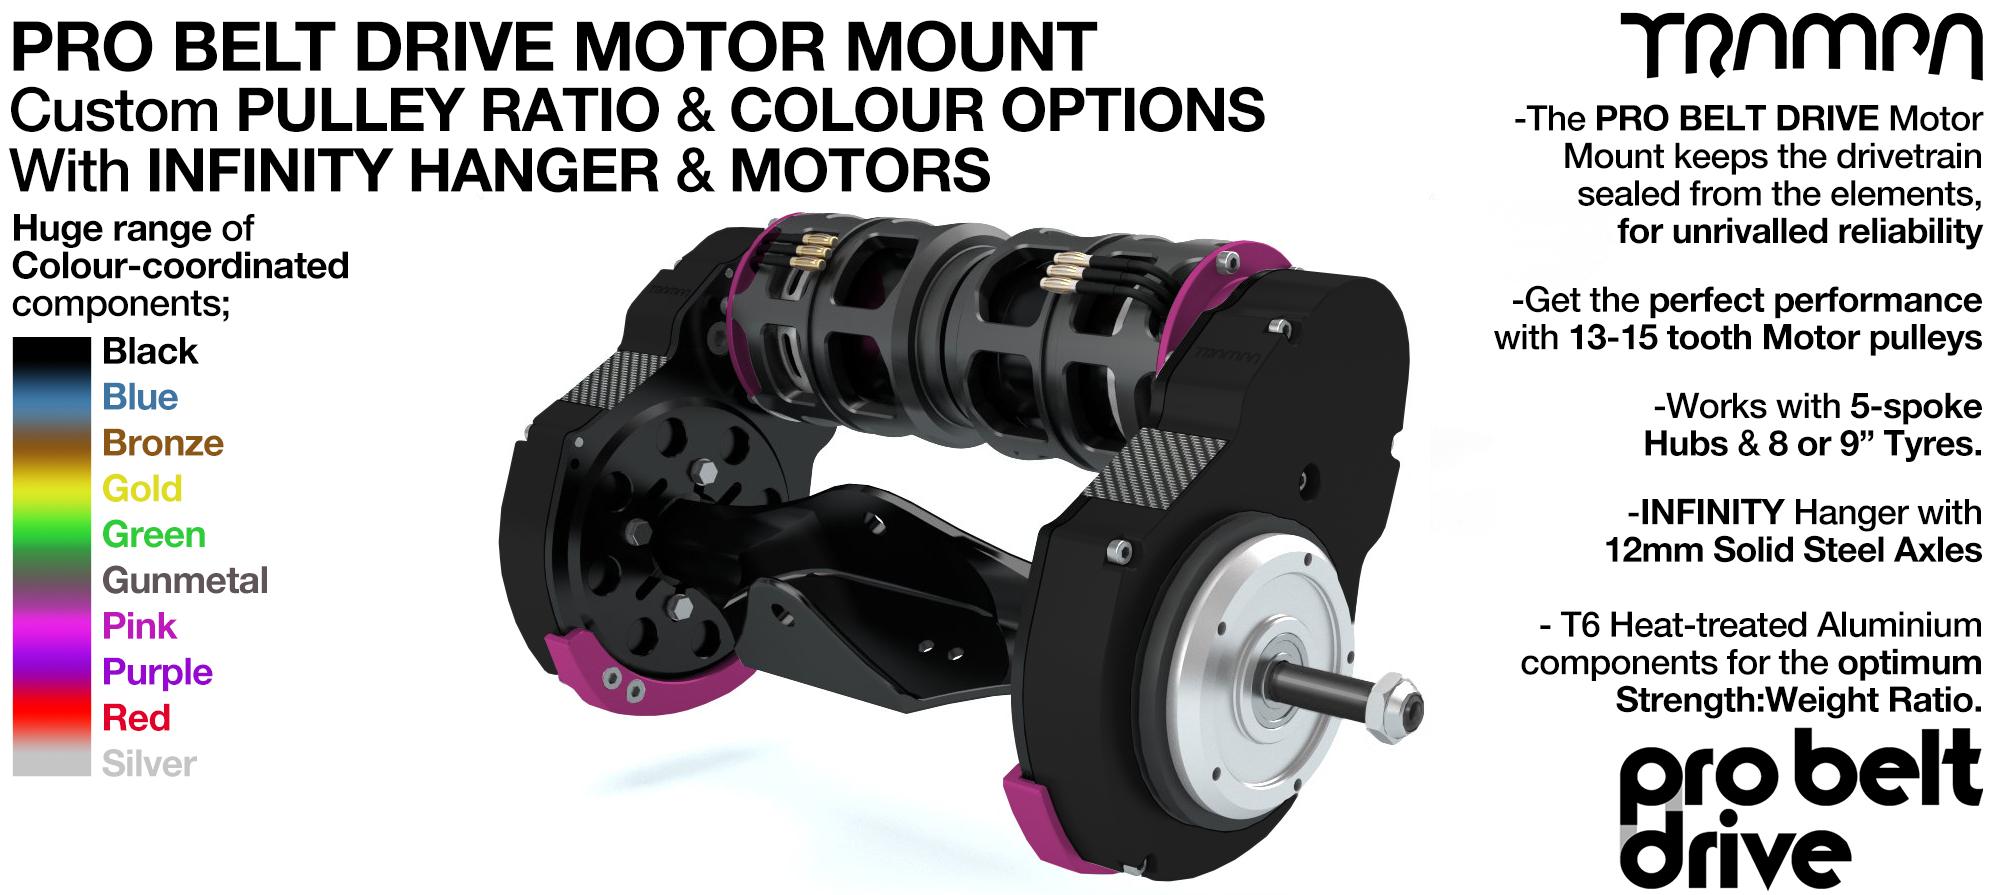 Mountainboard PRO Belt Drive TWIN Motor Mounts, Motors & Precision INFINITY Hanger